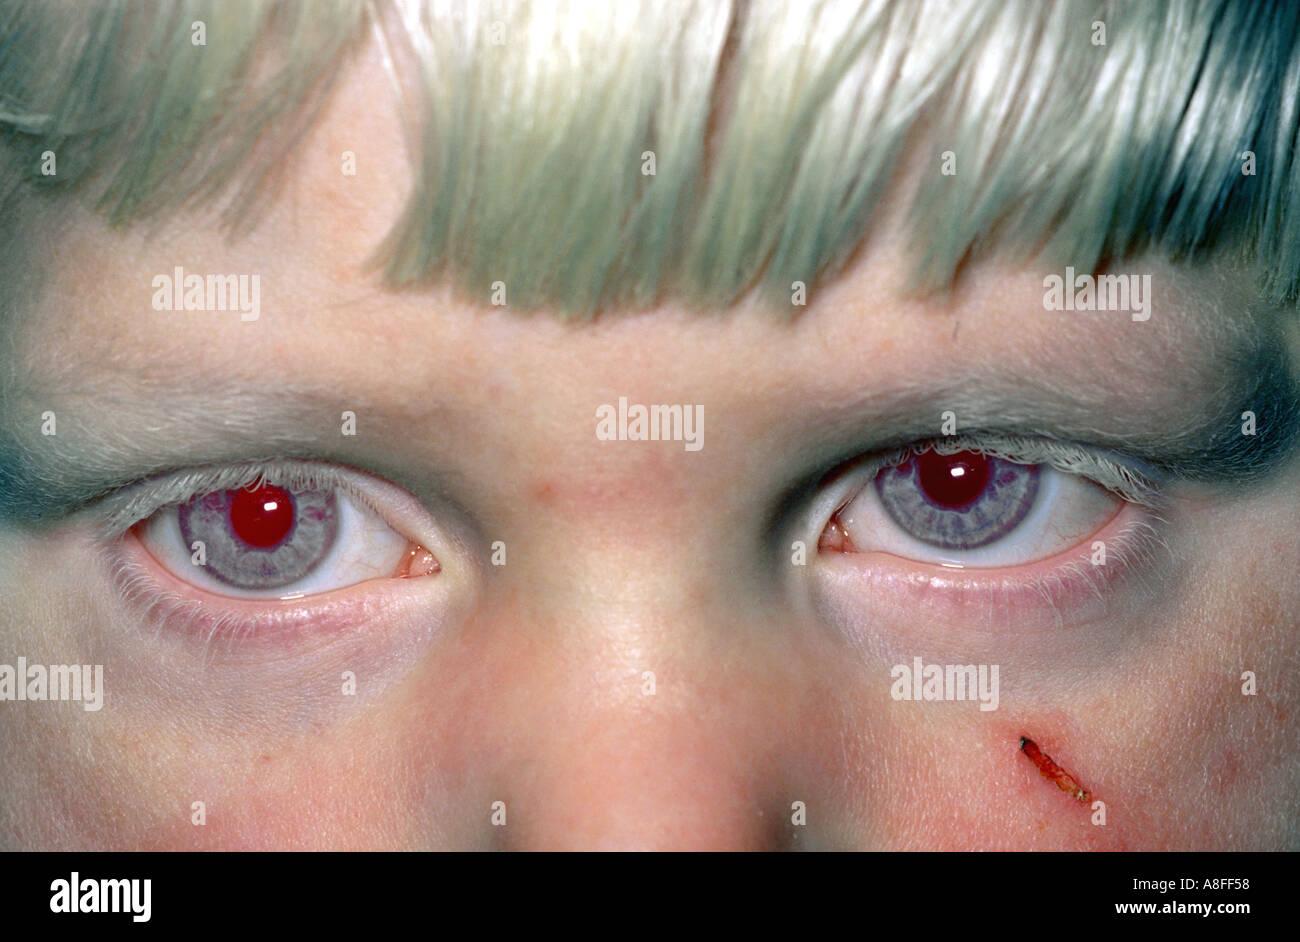 Okulärer Albinismus Stockfotos und  bilder Kaufen   Alamy